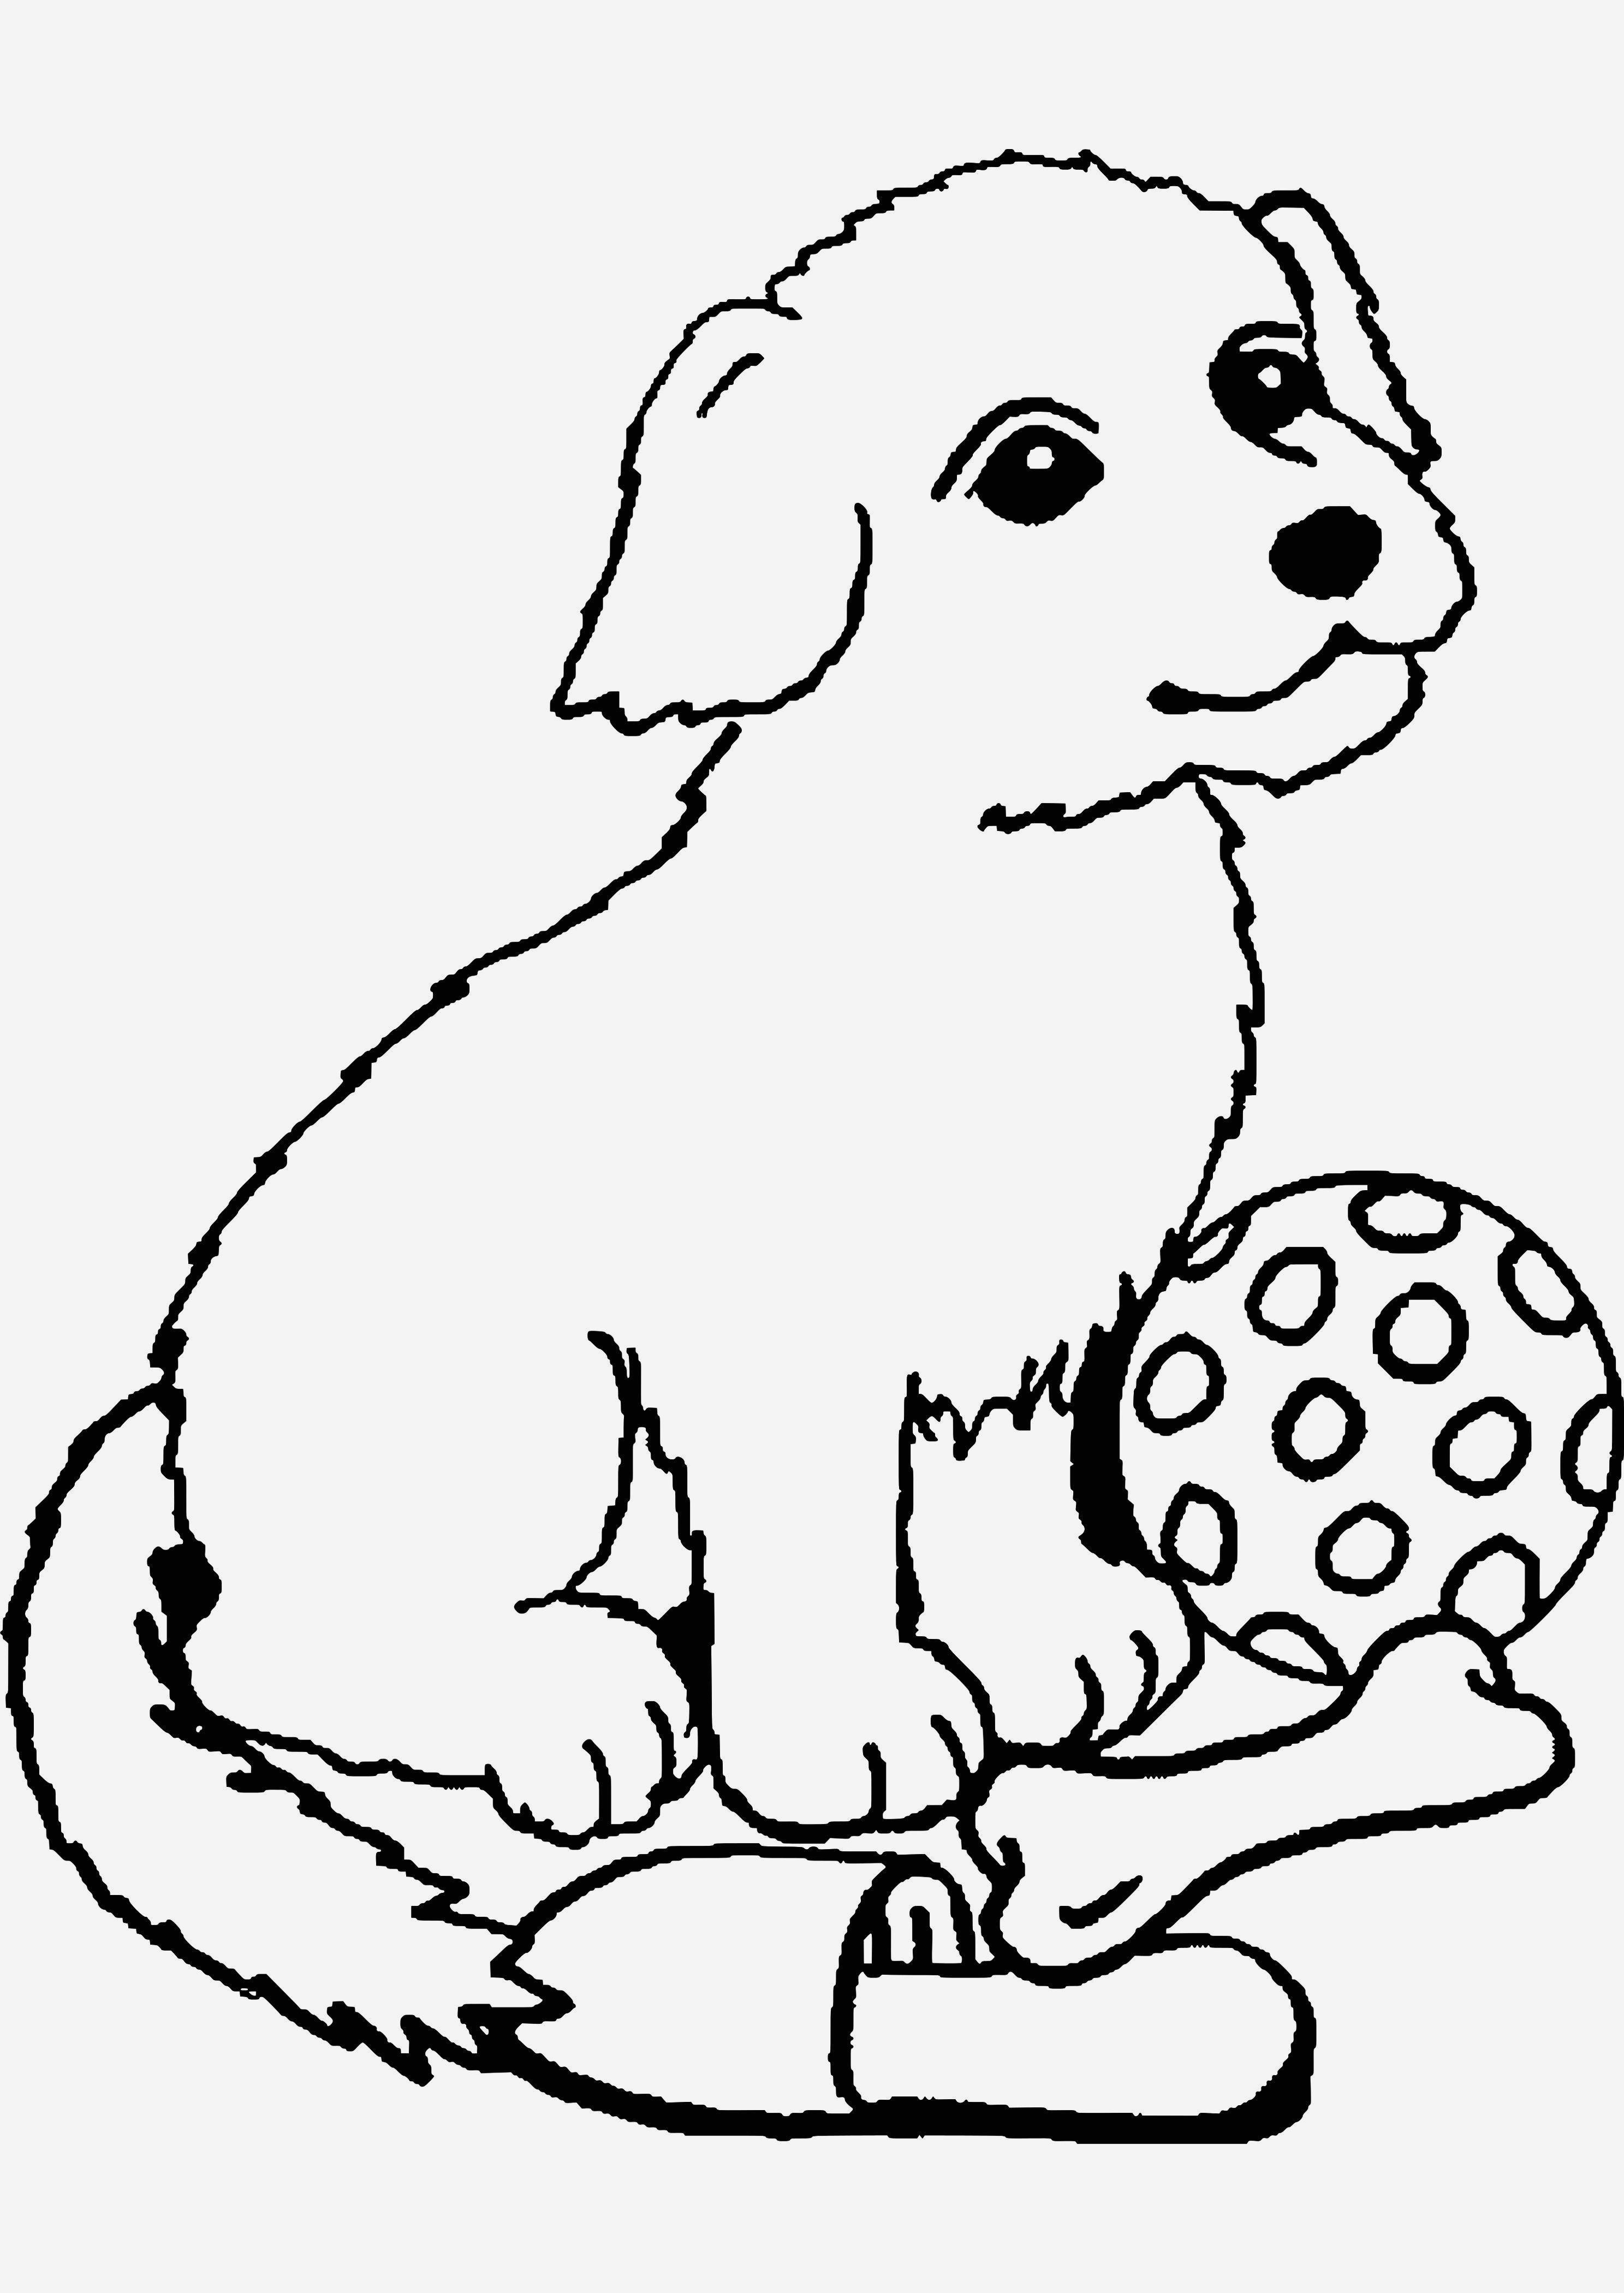 Ausmalbilder Zum Ausdrucken Hunde Einzigartig Beispielbilder Färben Ausmalbilder Hund Und Hase Bild